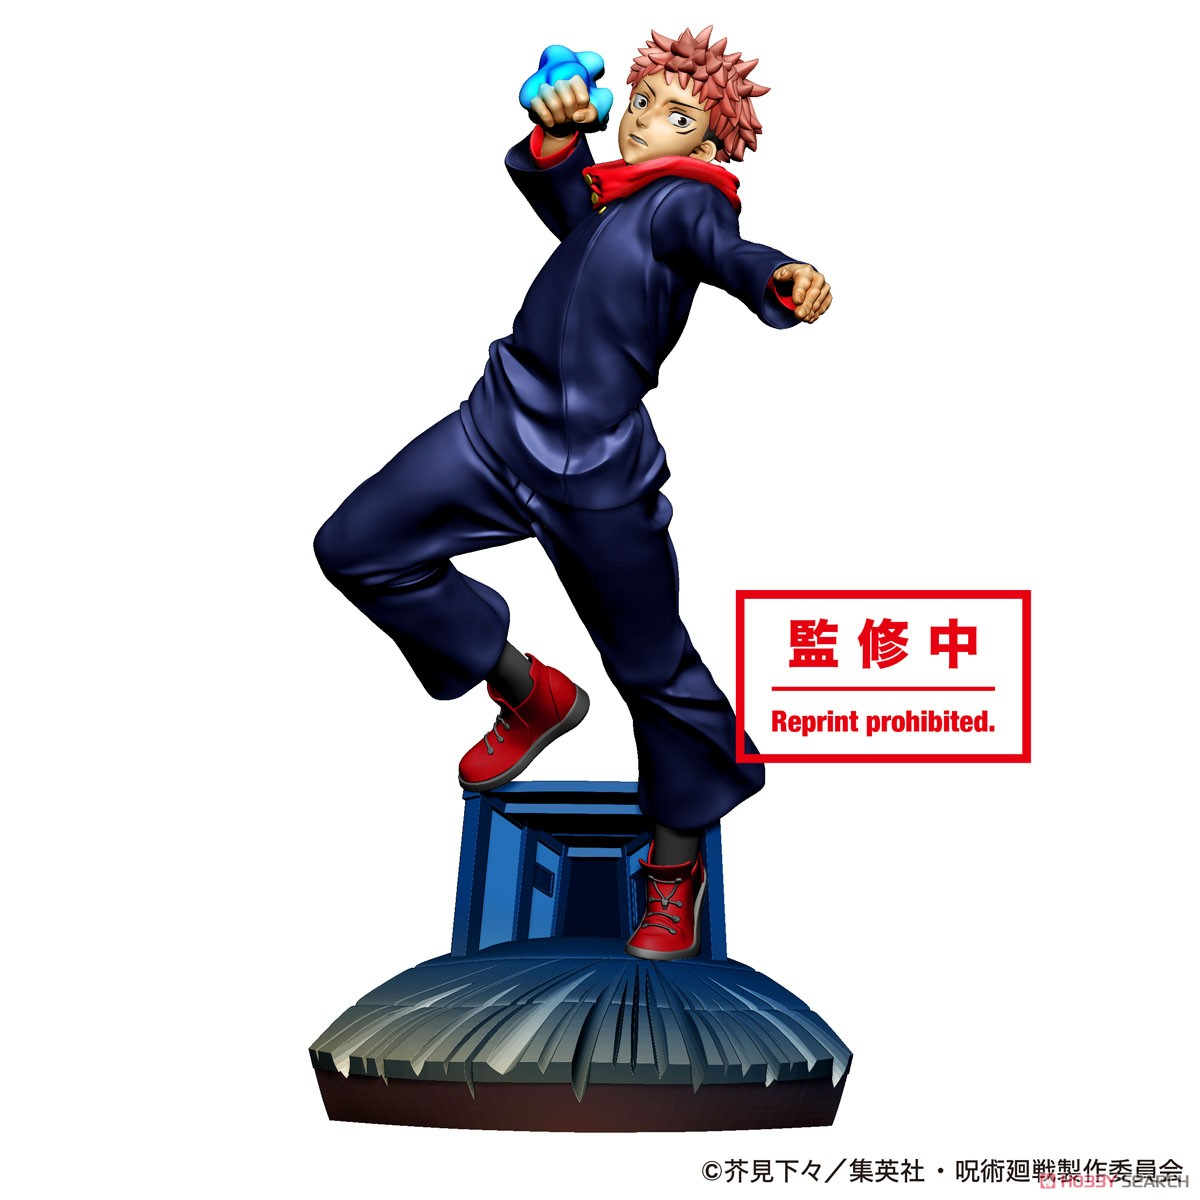 プチラマシリーズ『呪術廻戦 卓上領域展開 壱號』4個入りBOX-001